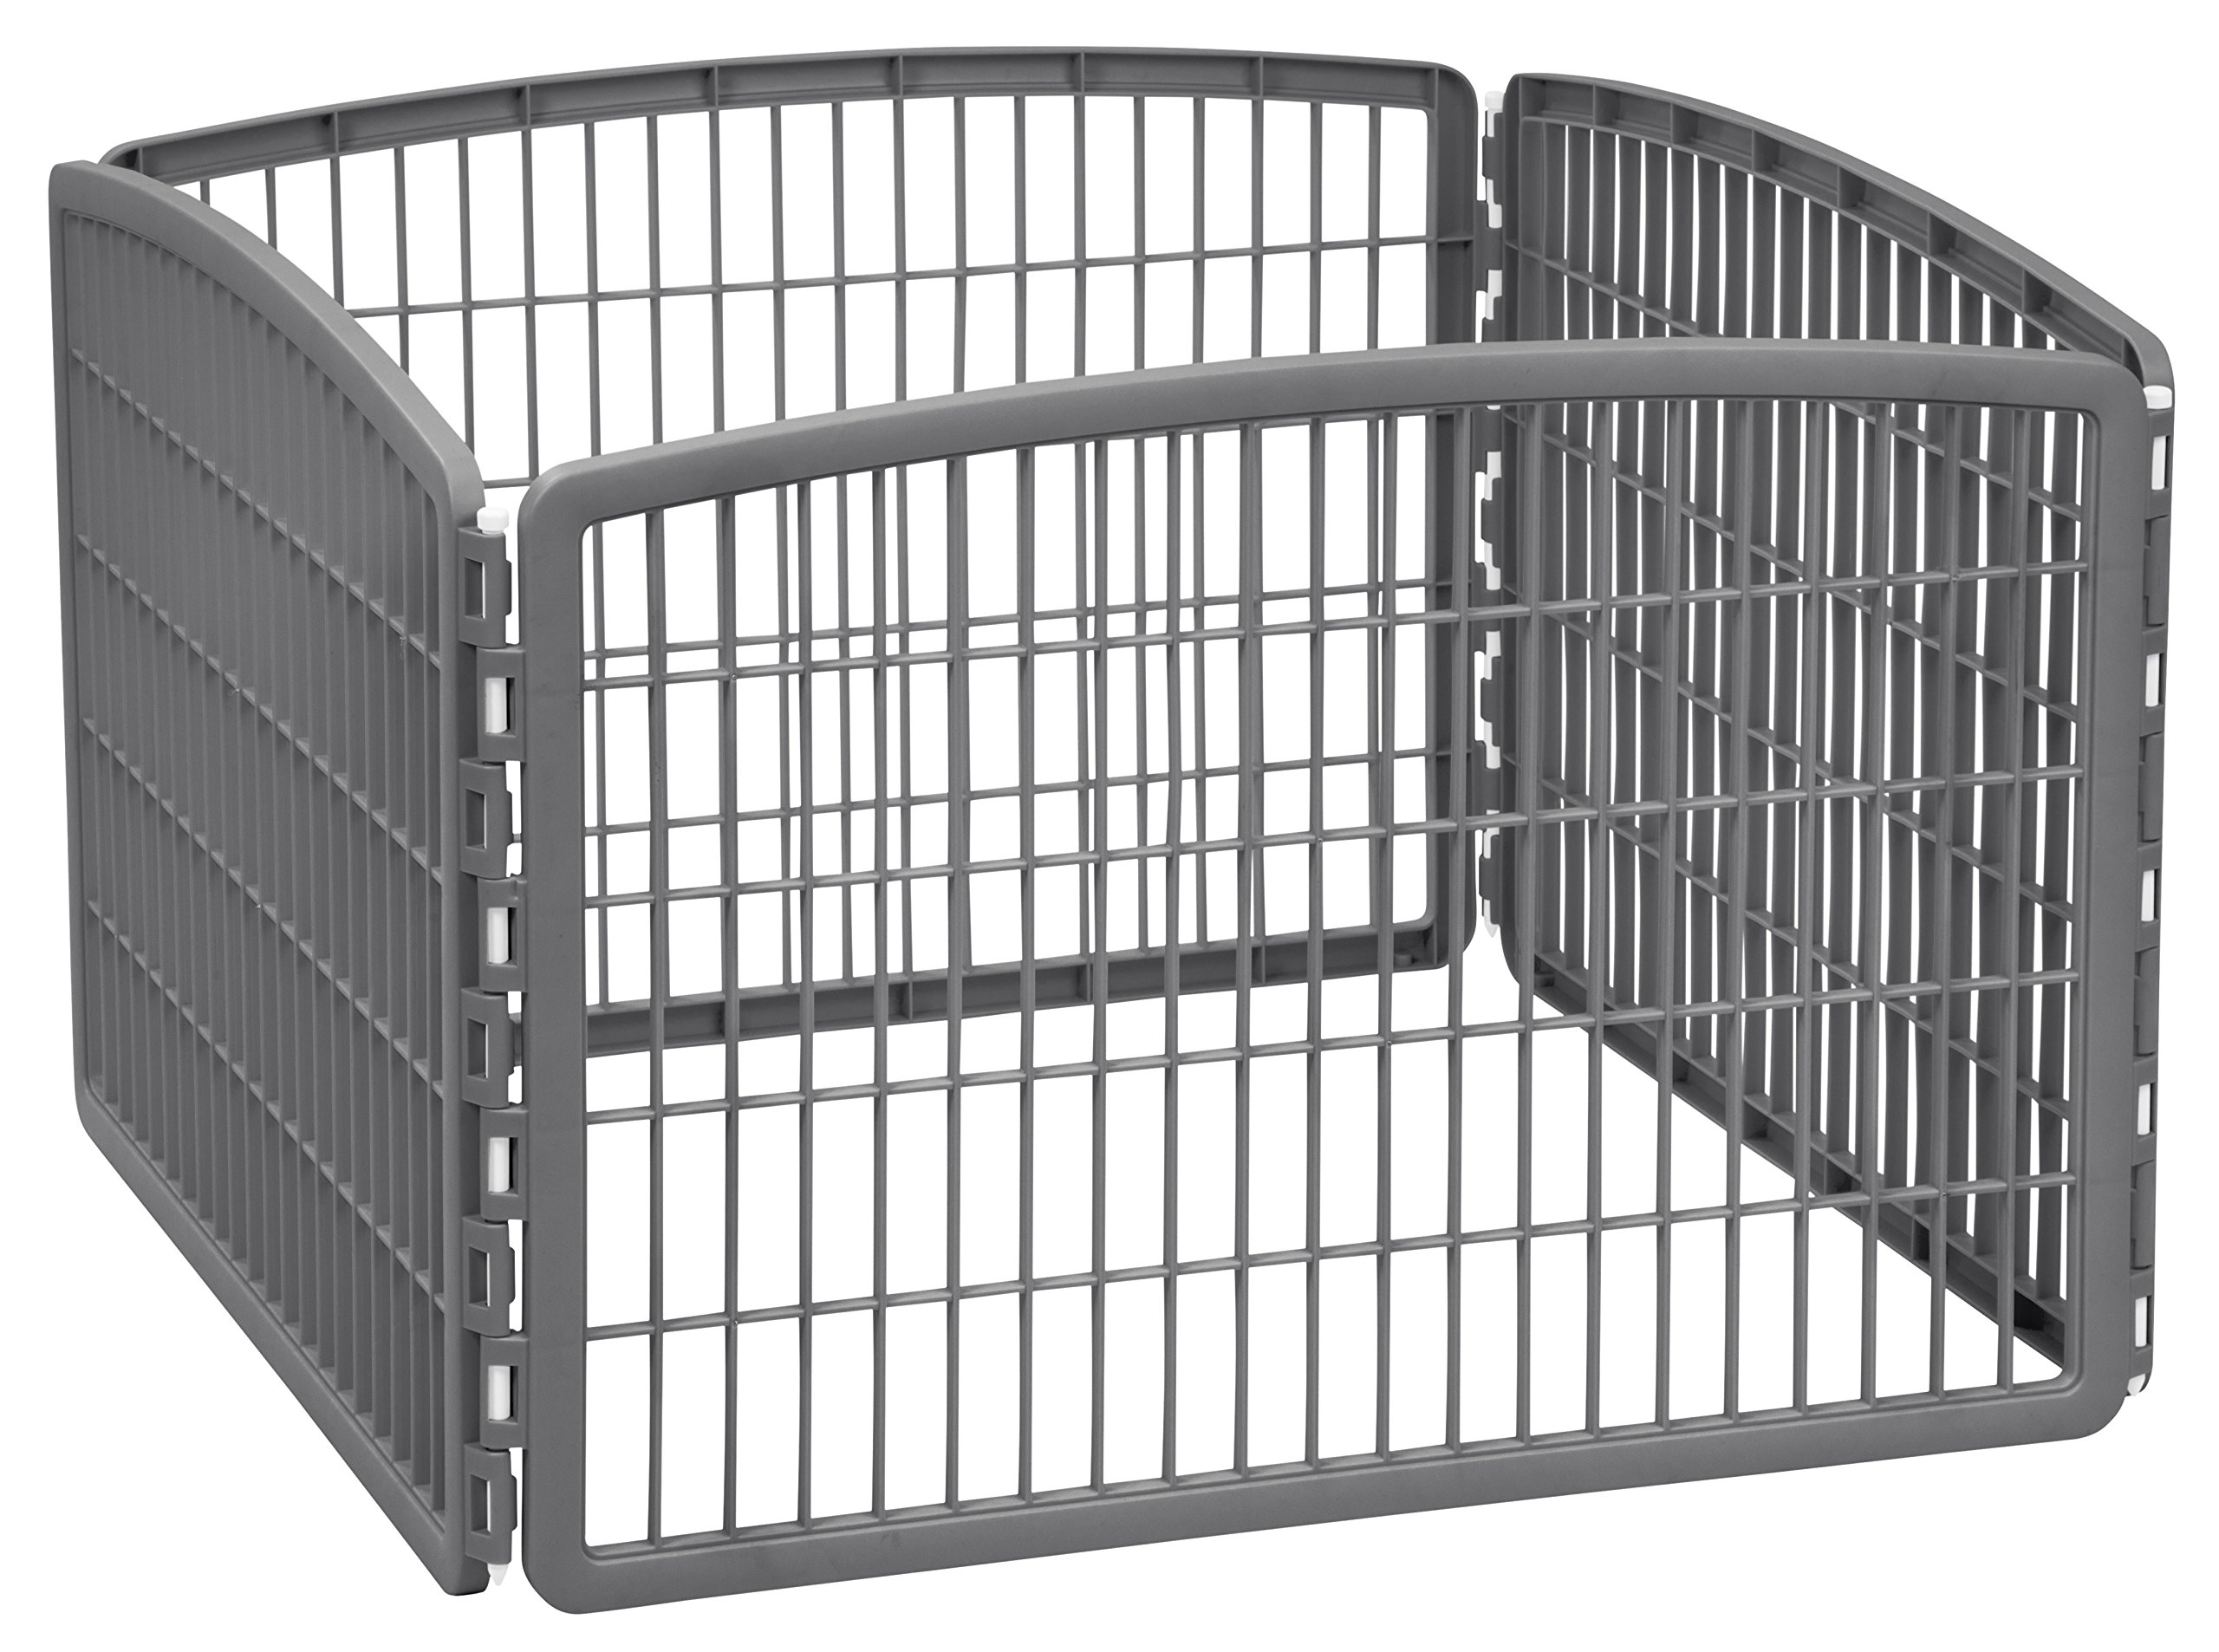 IRIS 24'' Exercise 4-Panel Pet Playpen without Door, Dark Gray